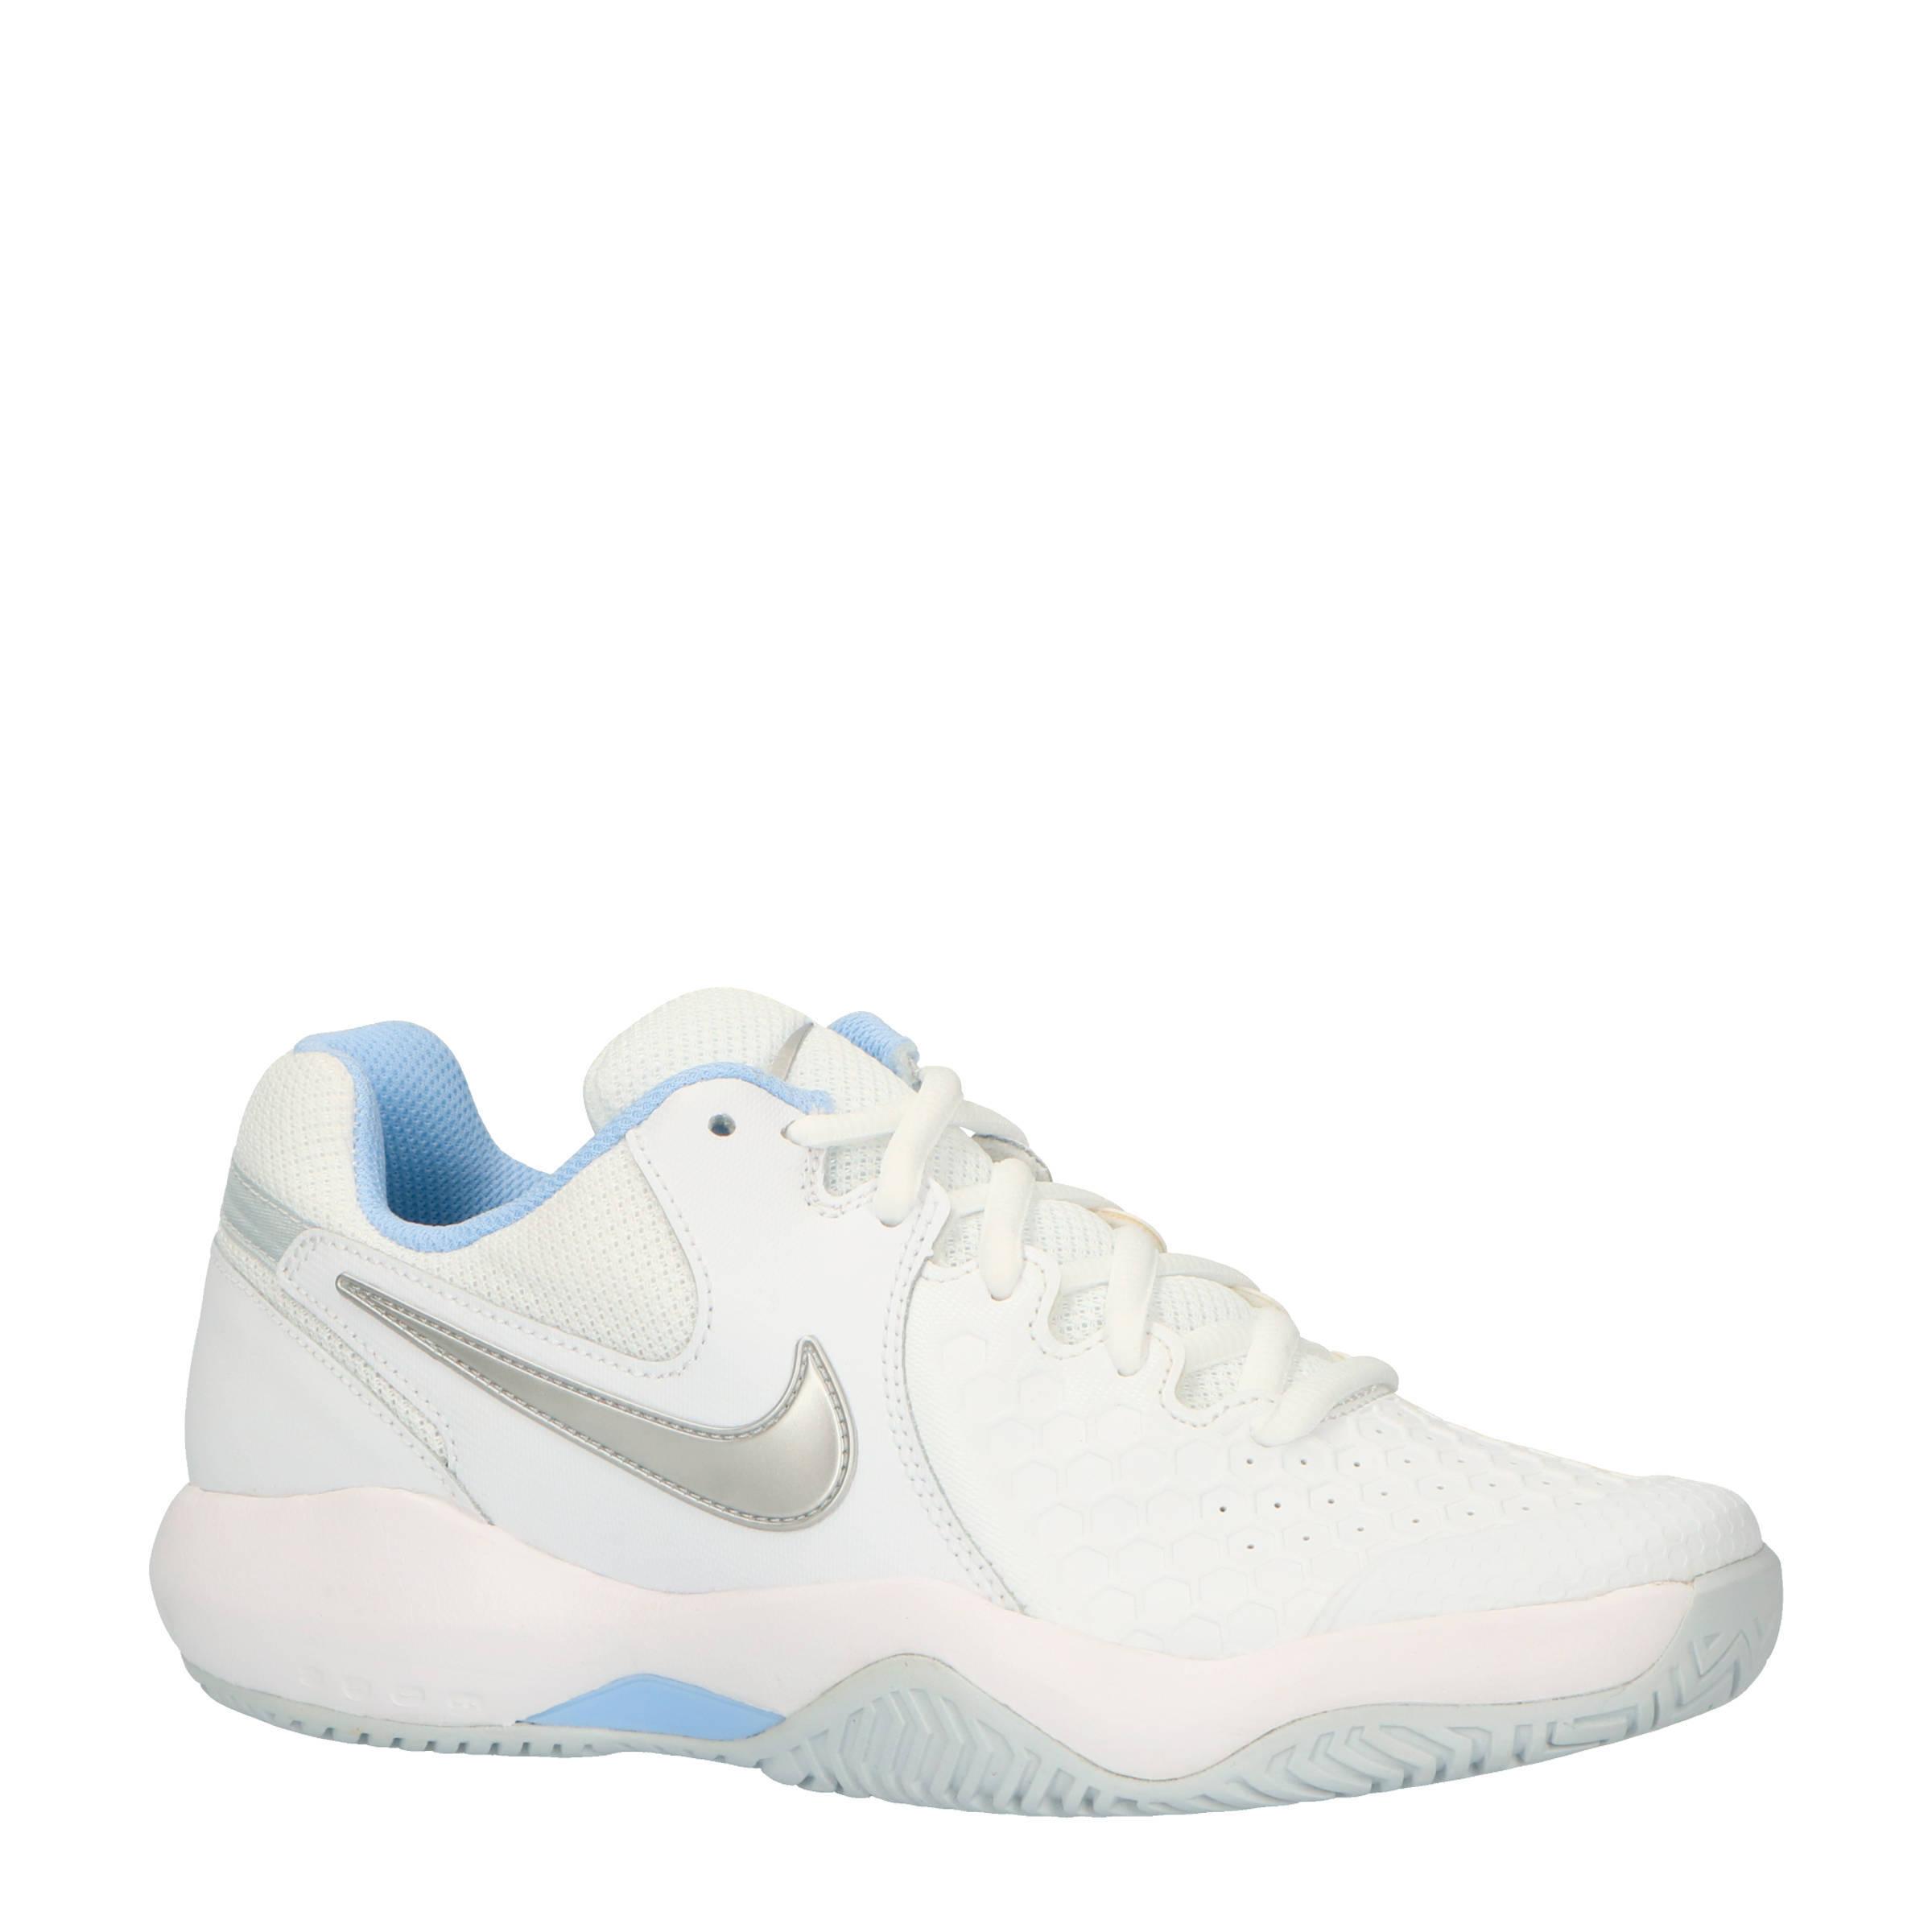 Air Zoom Resistance tennisschoenen wit/zilver